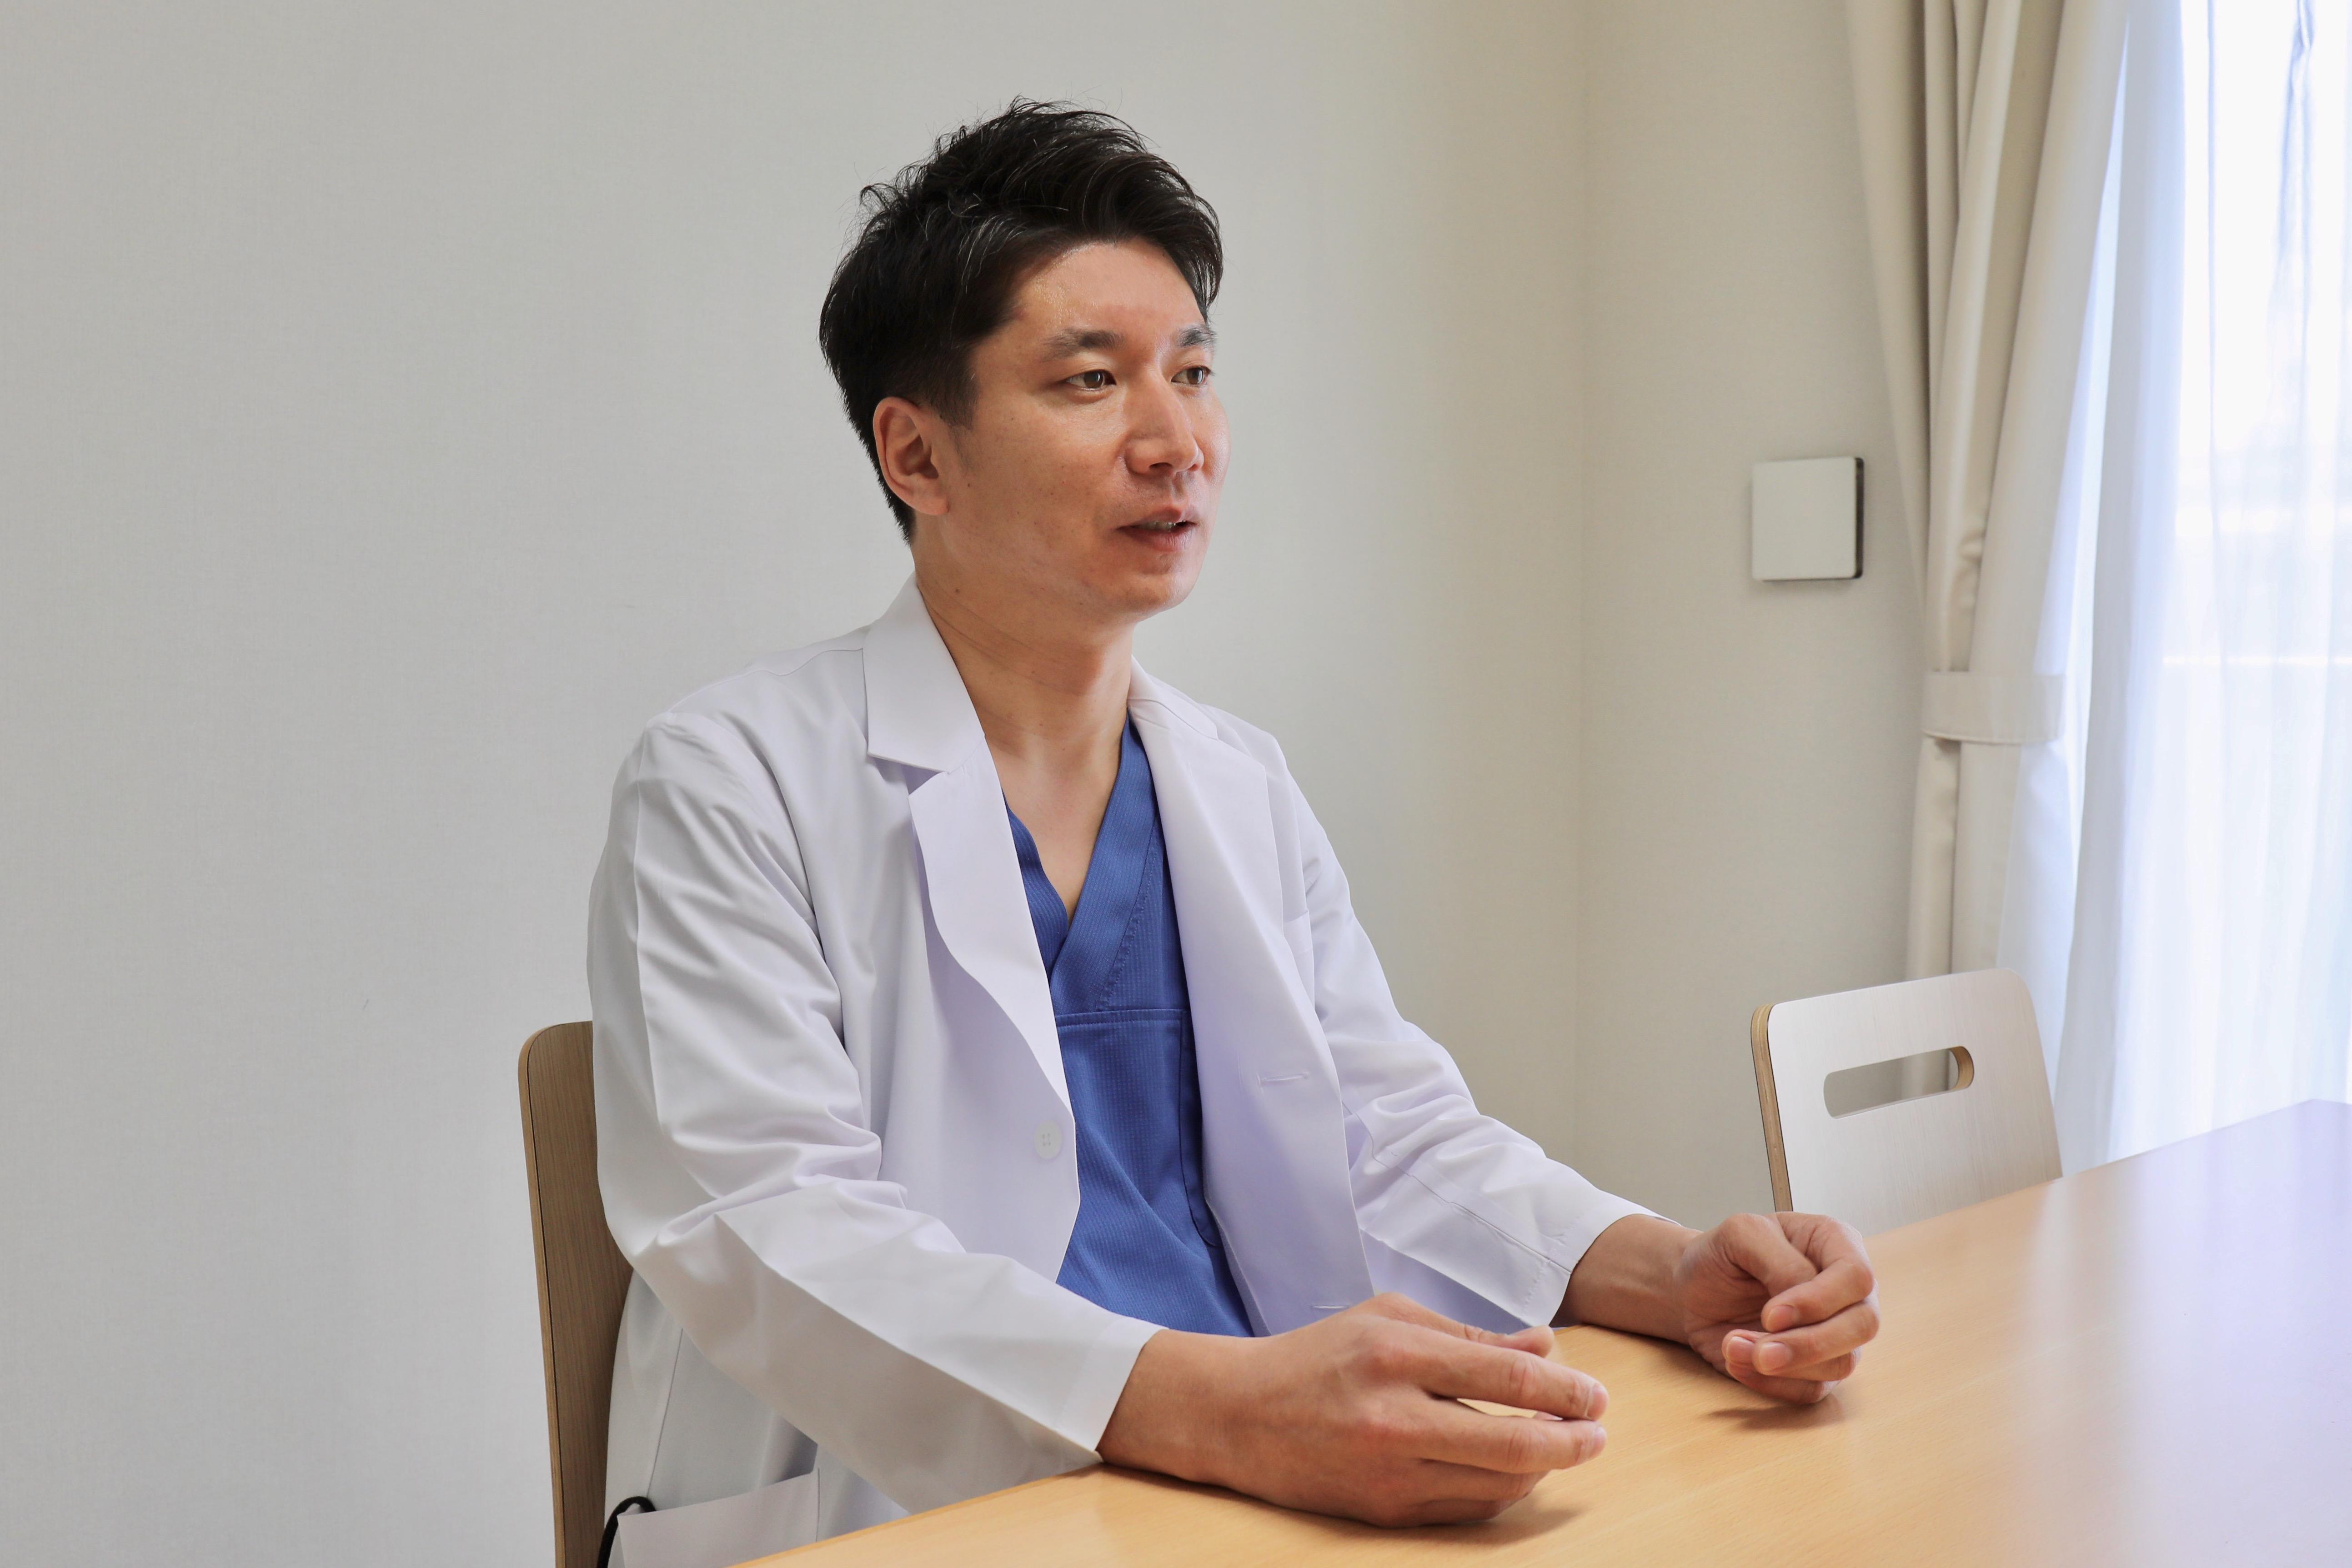 平成医療福祉グループにおける新型コロナウイルス感染症への対応